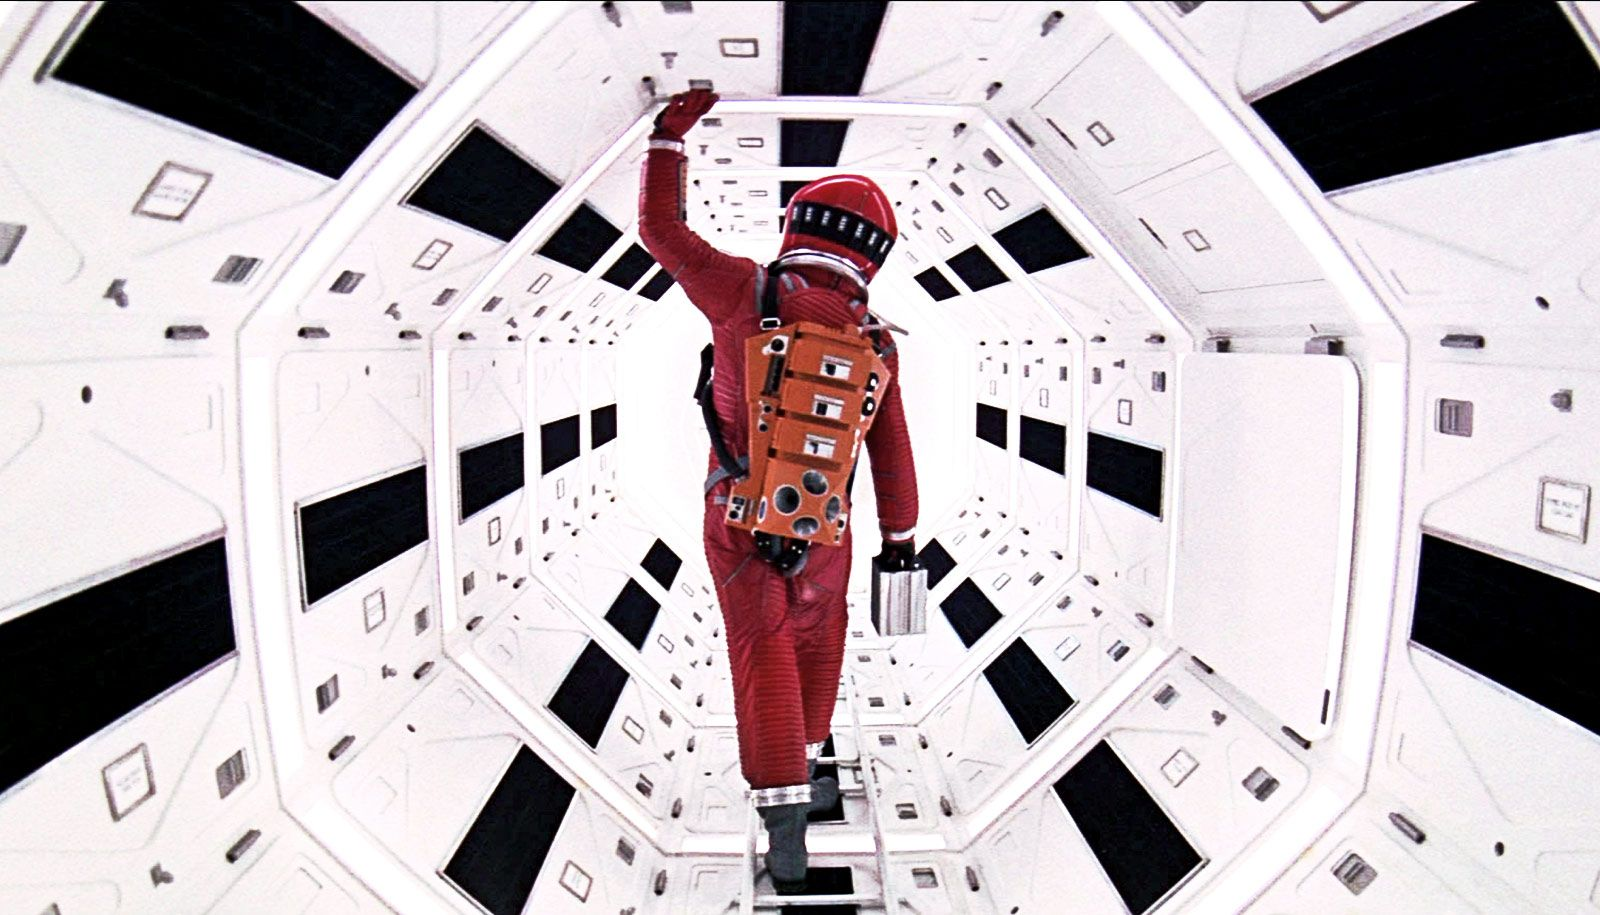 2001: A Space Odyssey courtesy Metro-Goldwyn-Mayer